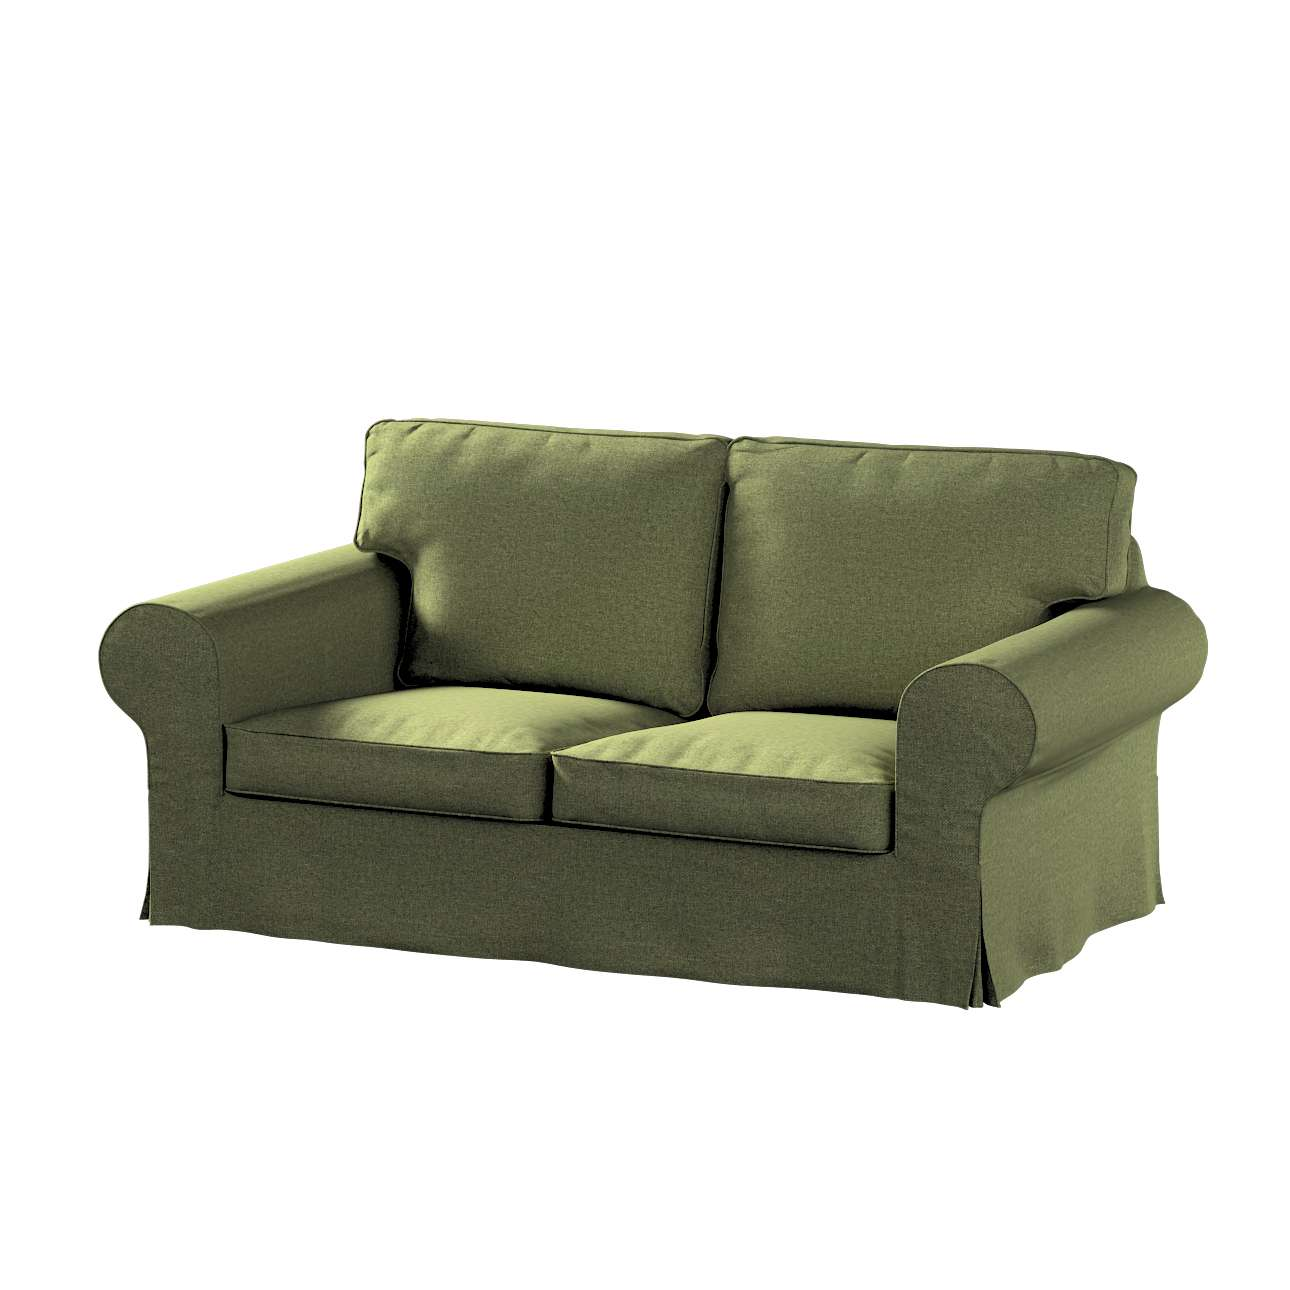 Pokrowiec na sofę Ektorp 2-osobową rozkładaną, model po 2012 w kolekcji Madrid, tkanina: 161-22